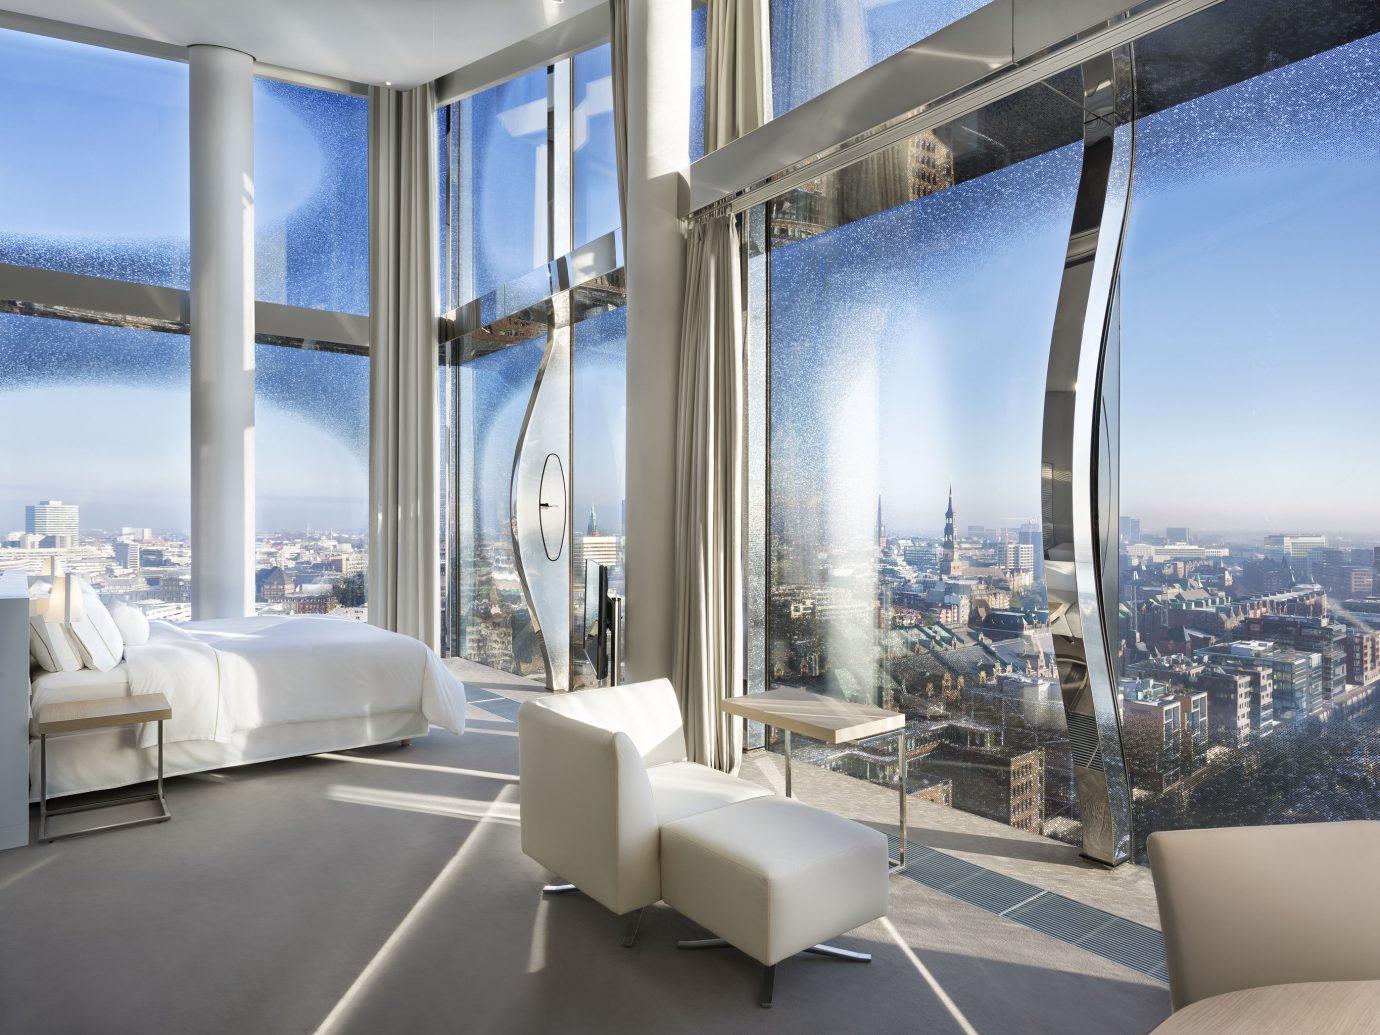 Trip Ideas indoor window room property Architecture overlooking interior design condominium white estate yacht headquarters Design furniture Bedroom high